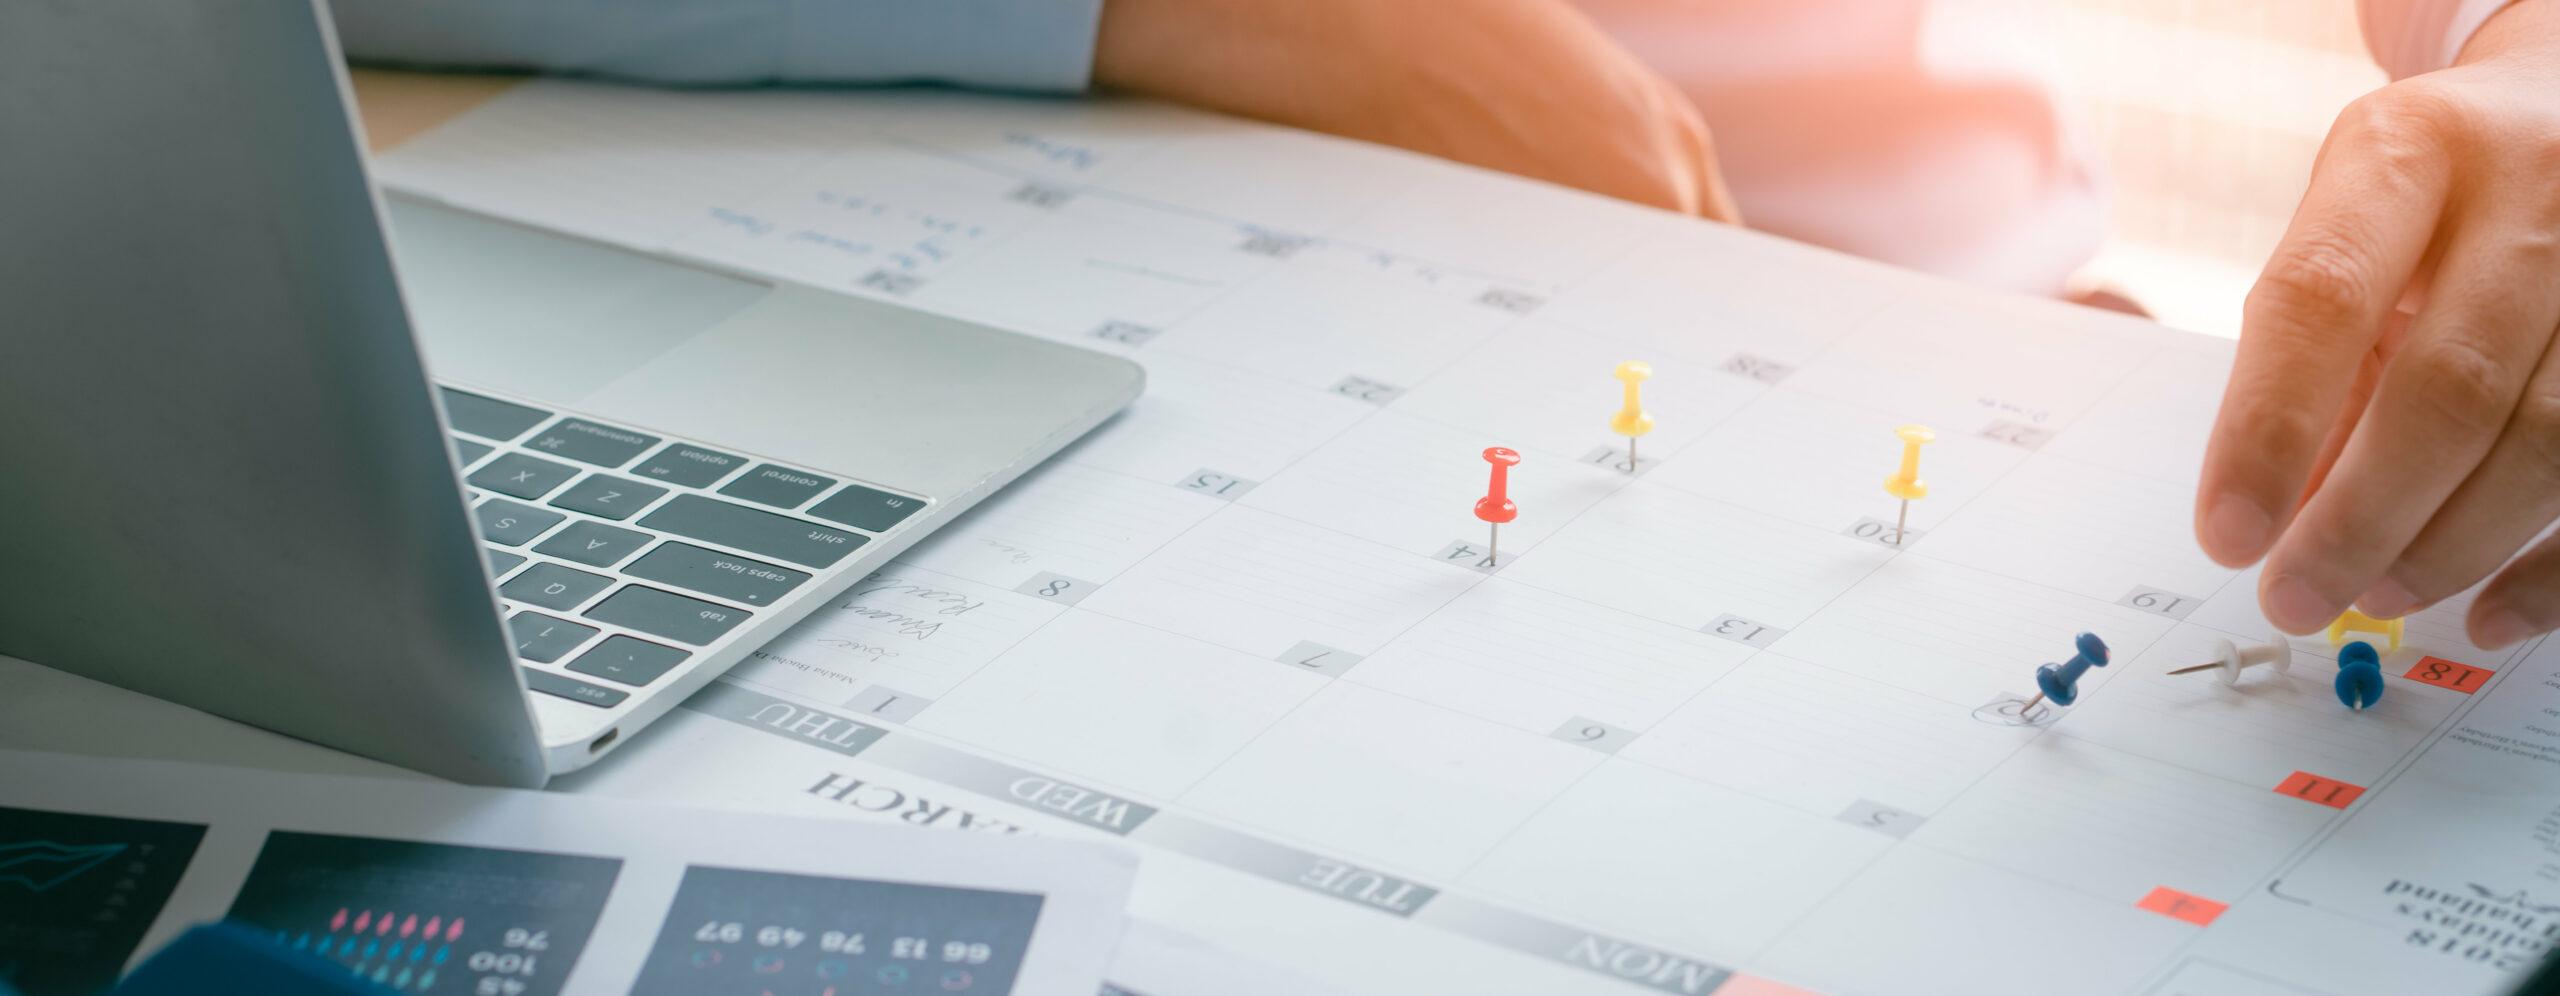 Mann sitzt an Laptop und arbeitet an einem Kalender